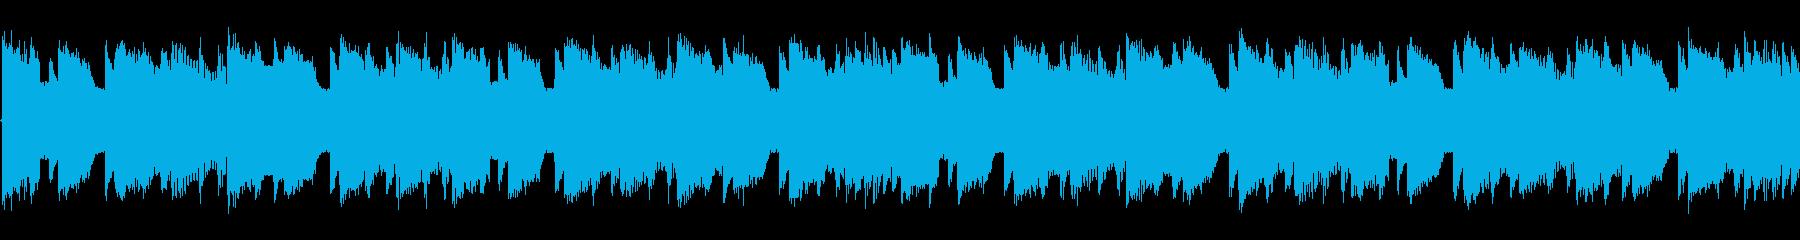 チップチューンの軽快な短いループ4の再生済みの波形